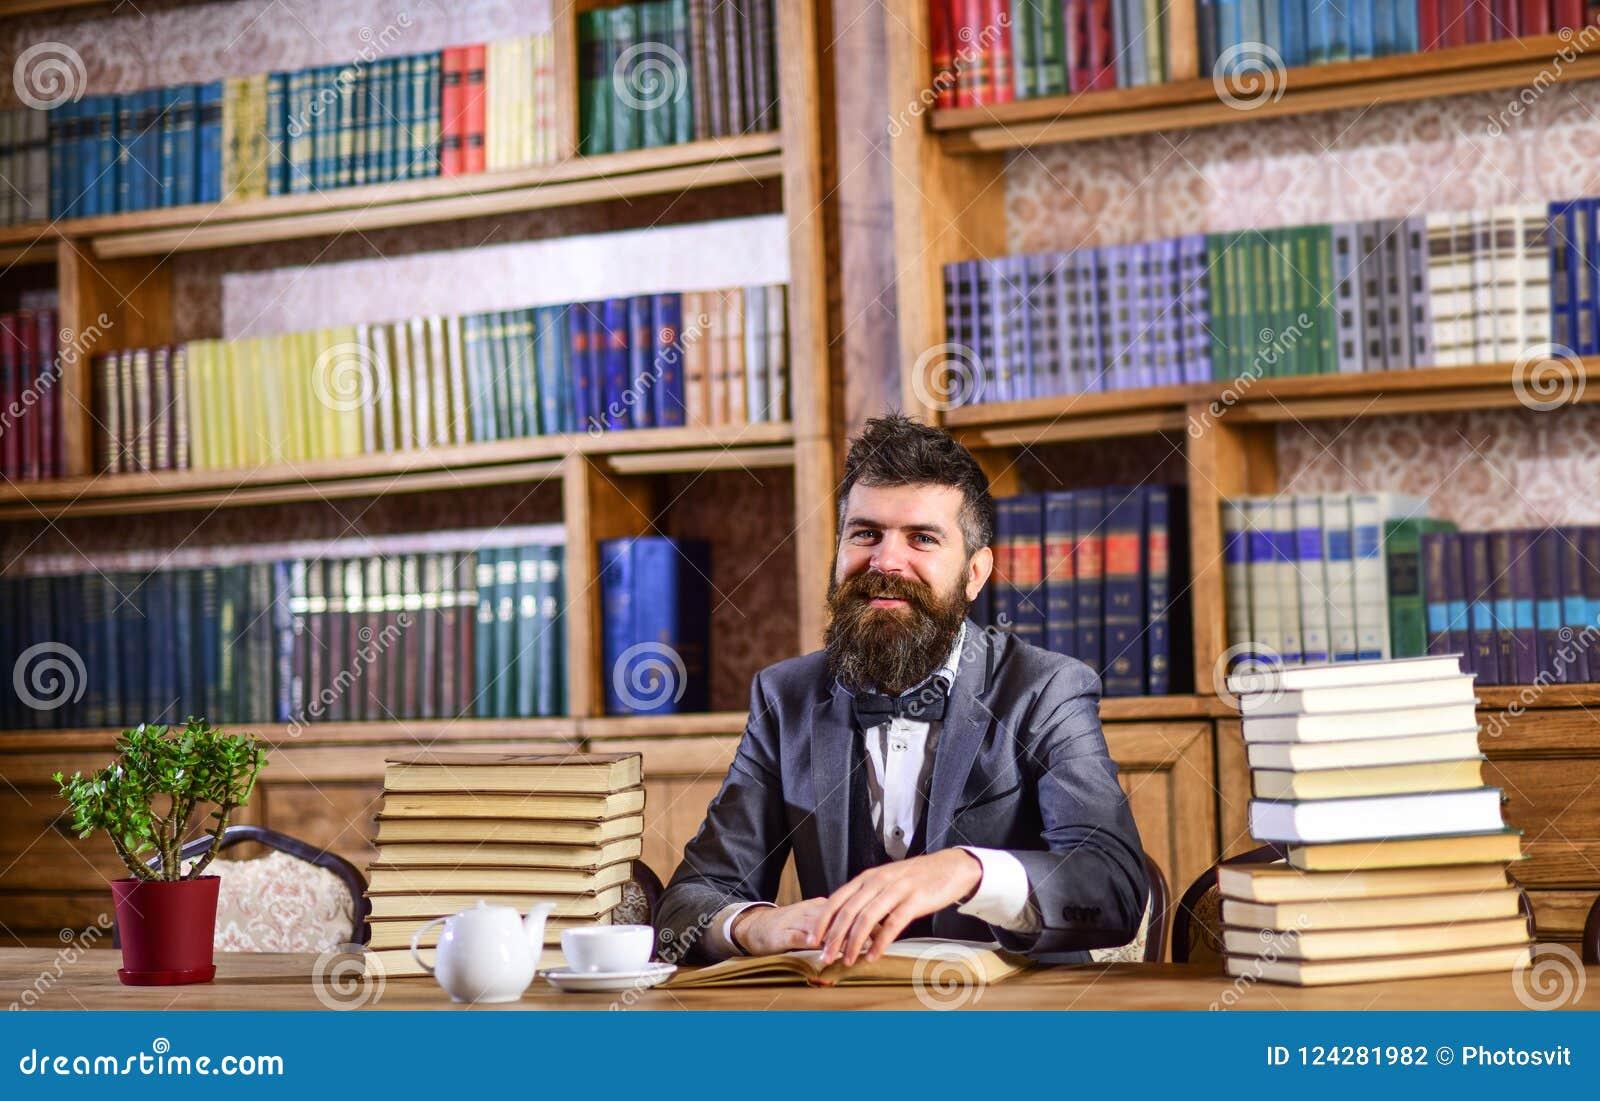 Brodaty mężczyzna z udziałami książki